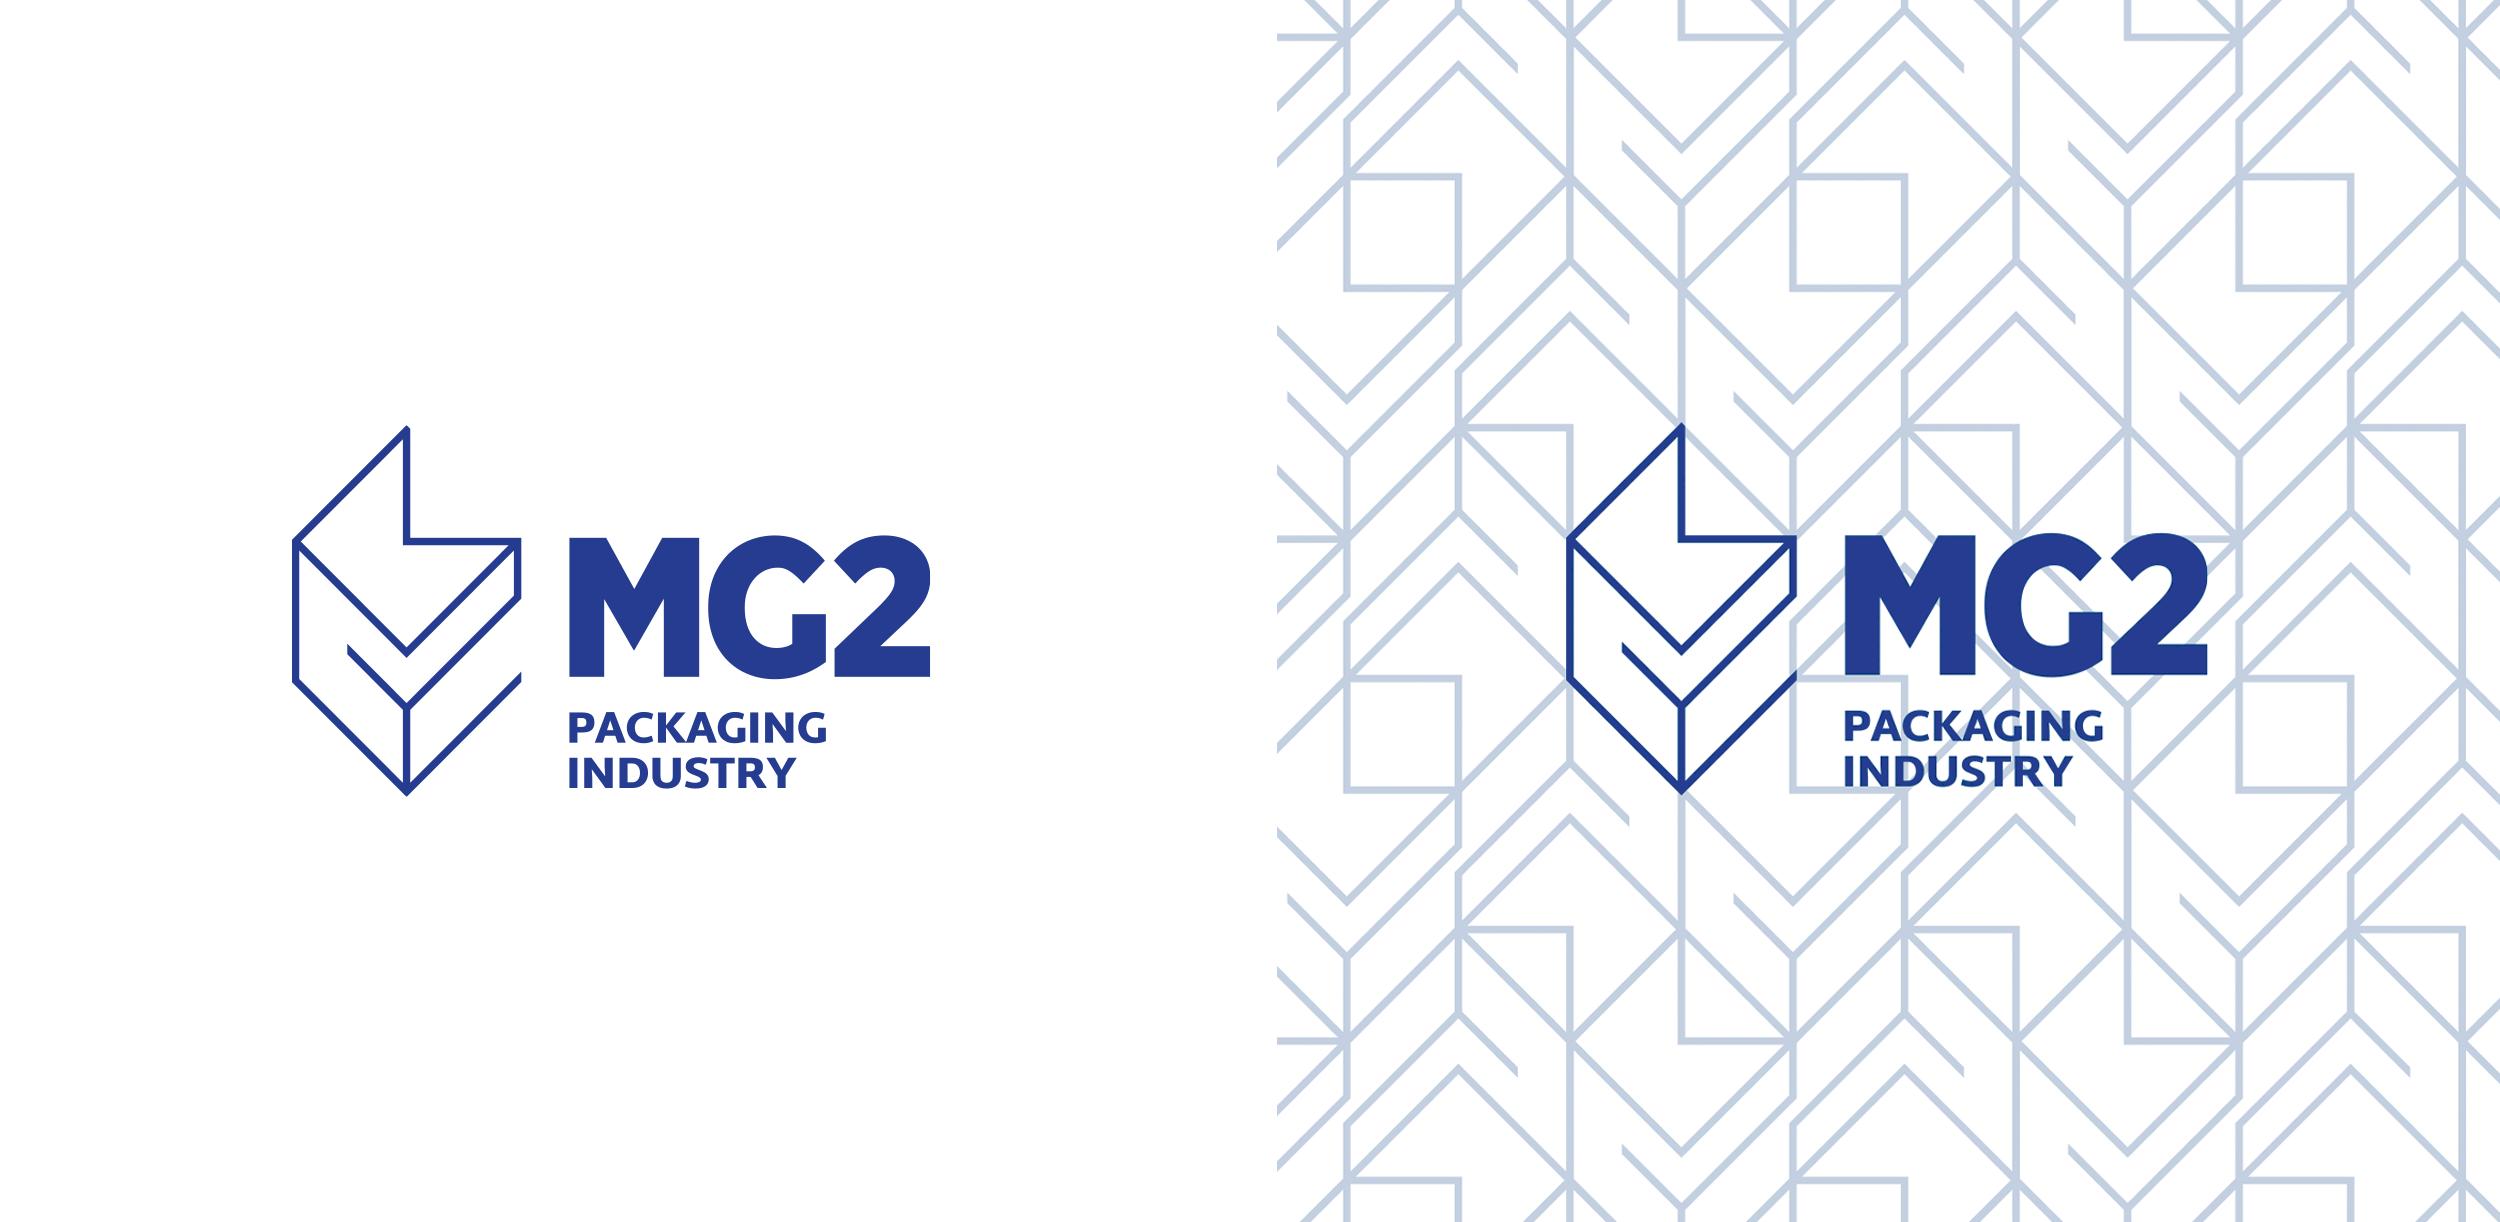 MG2 - chiani.eu